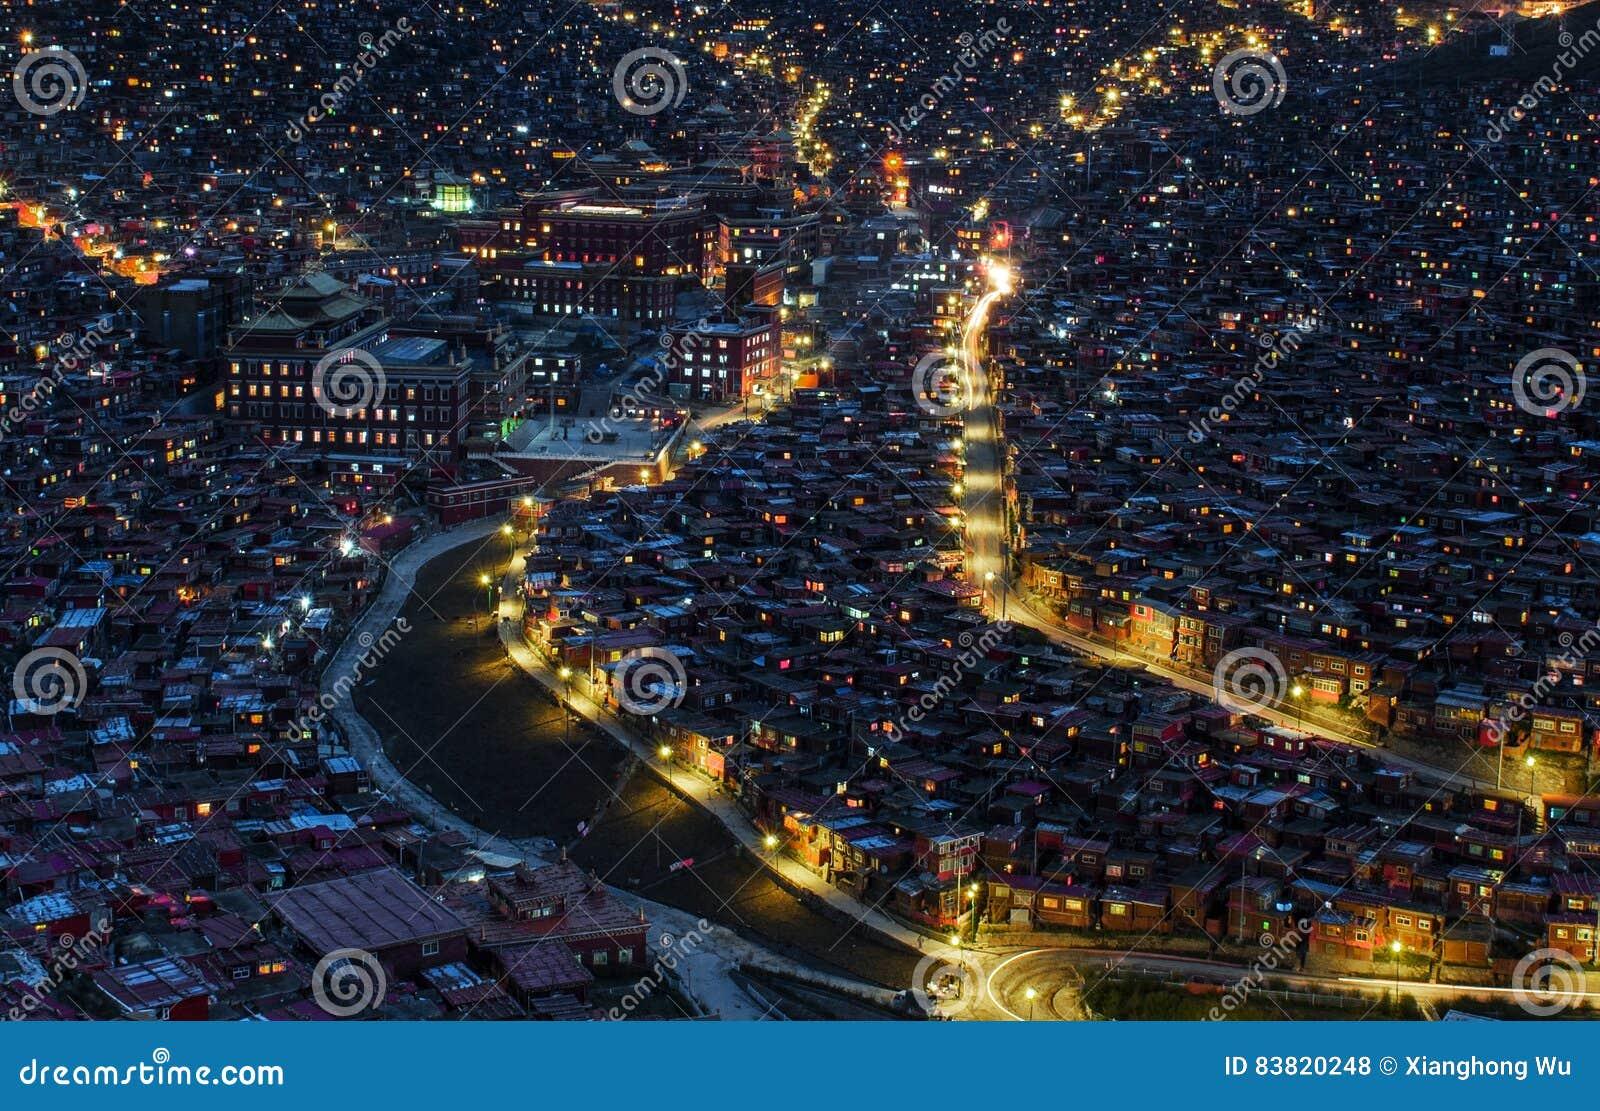 Beautiful night view of Buddhist Academy